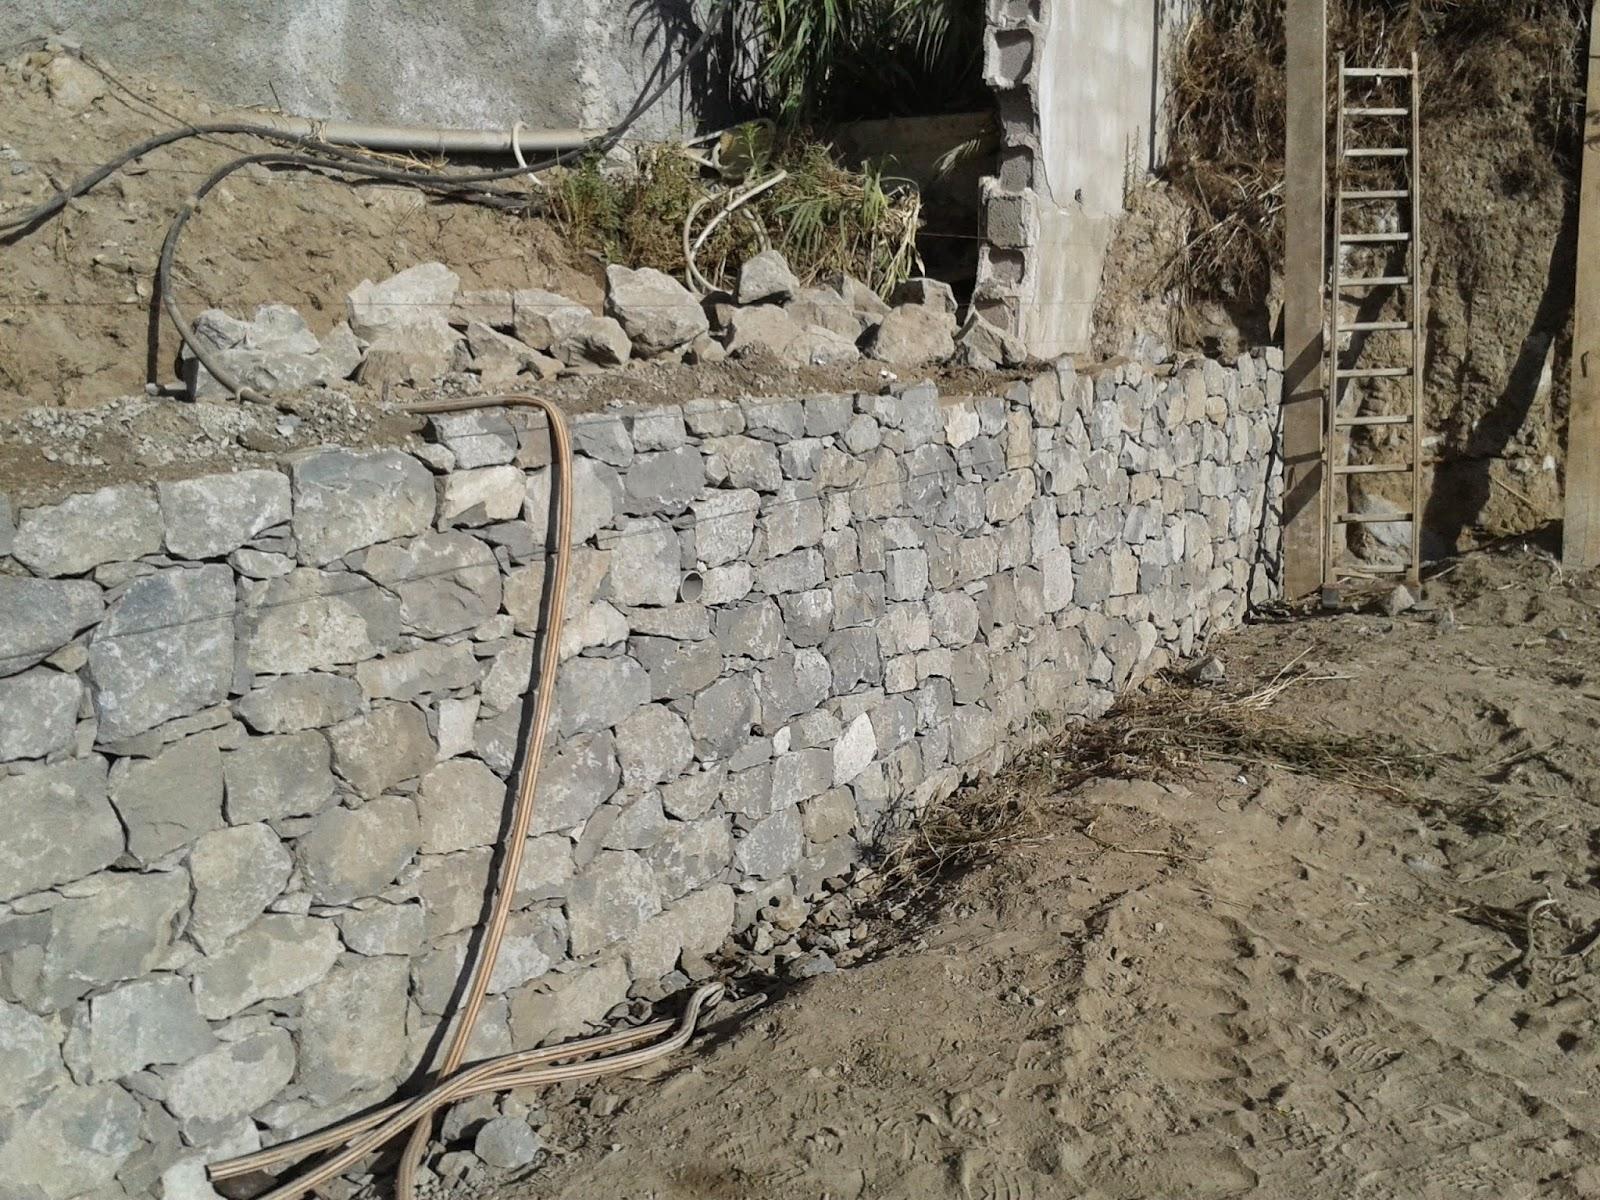 Muros de contenci n en piedra cara vista construcciones - Muros de contencion de piedra ...